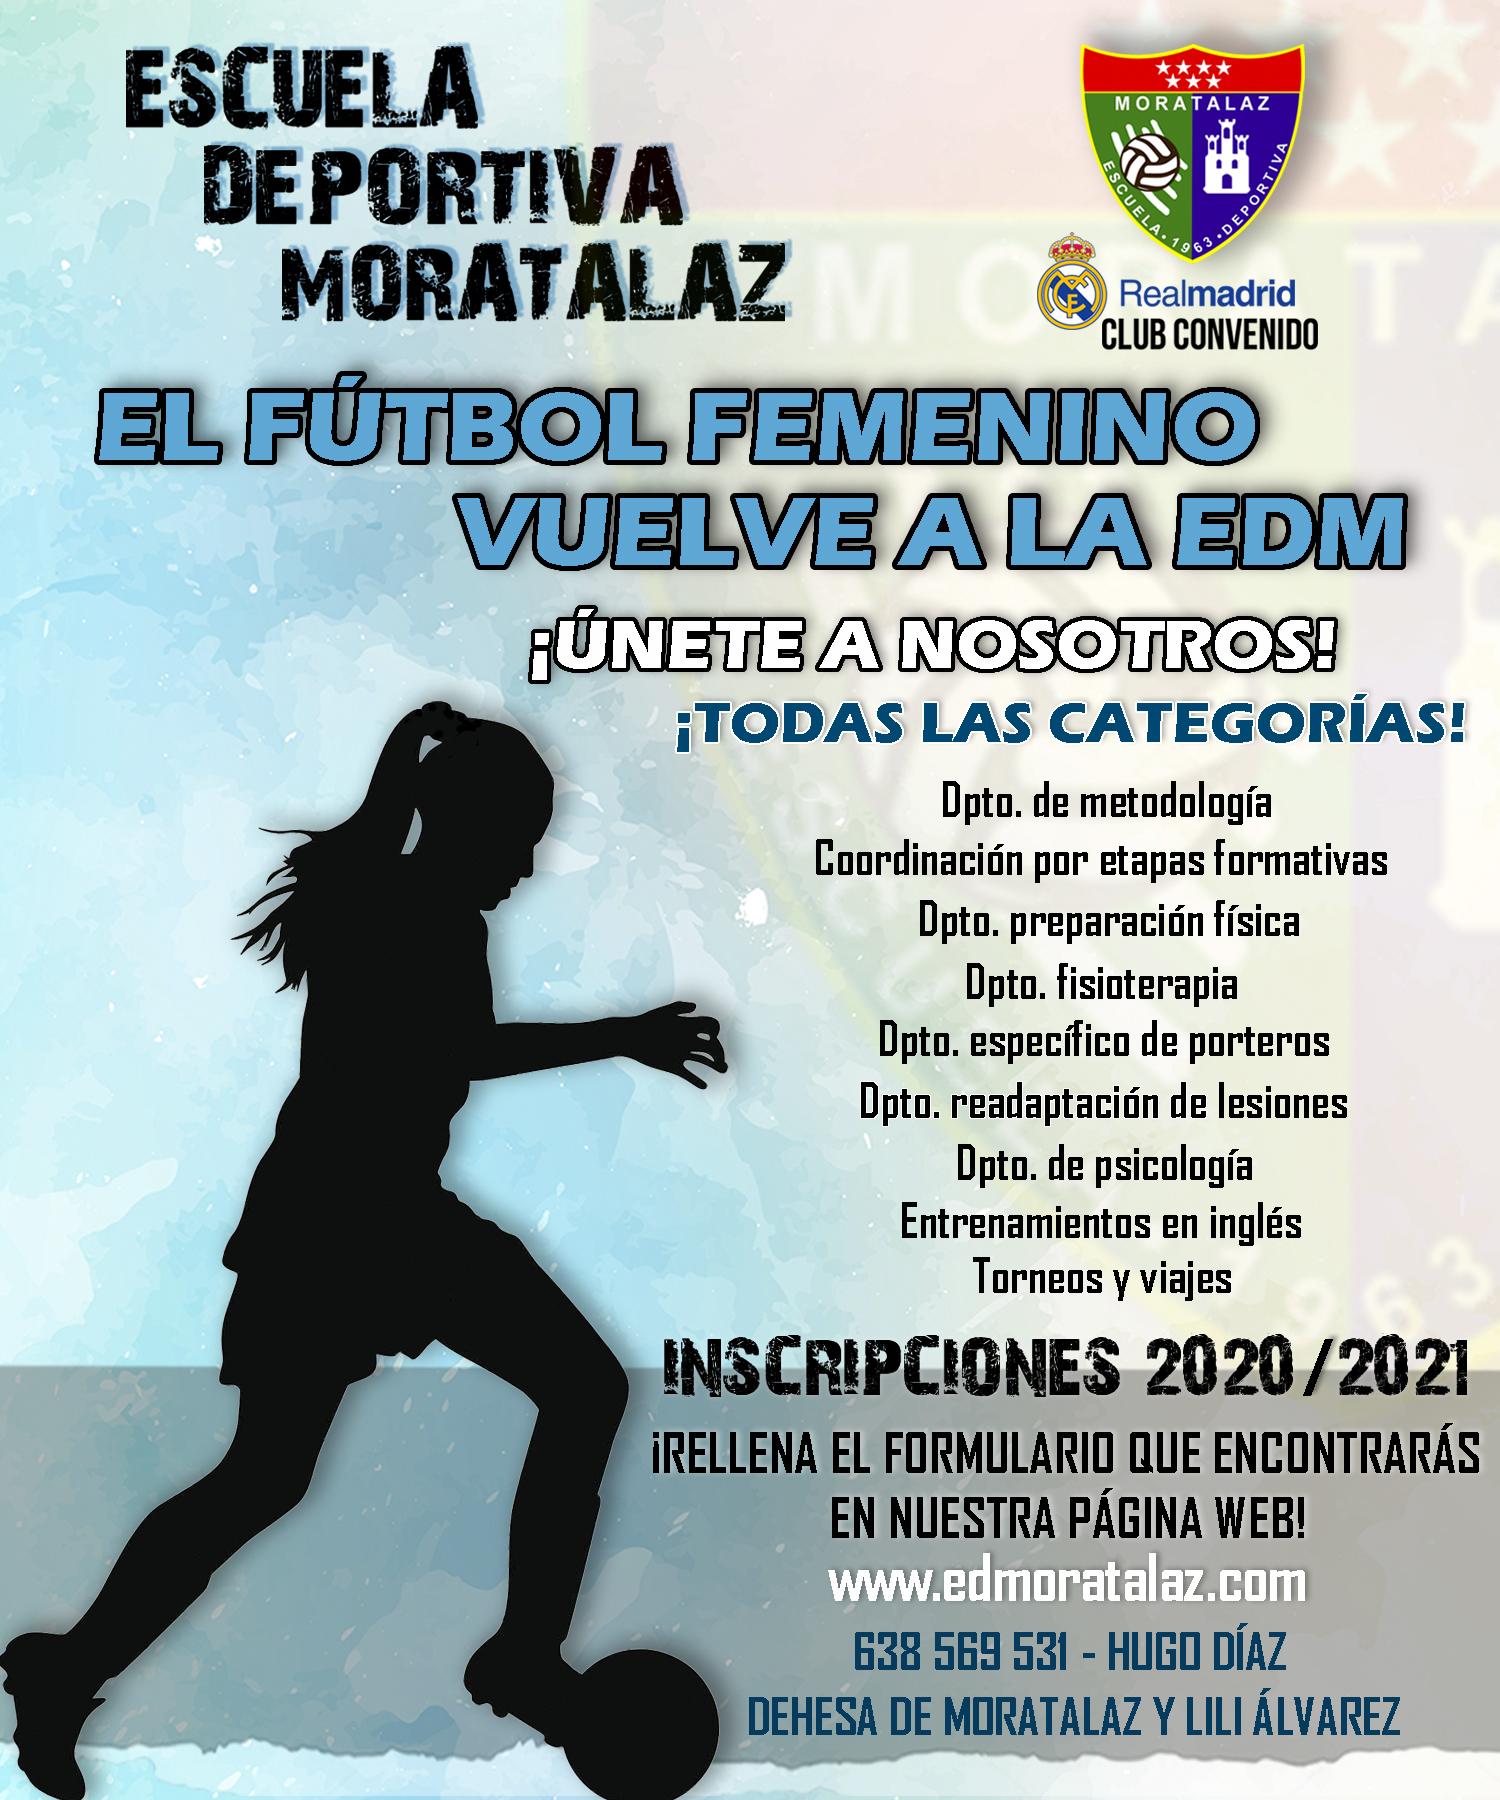 ¡El fútbol femenino vuelve a la EDM!